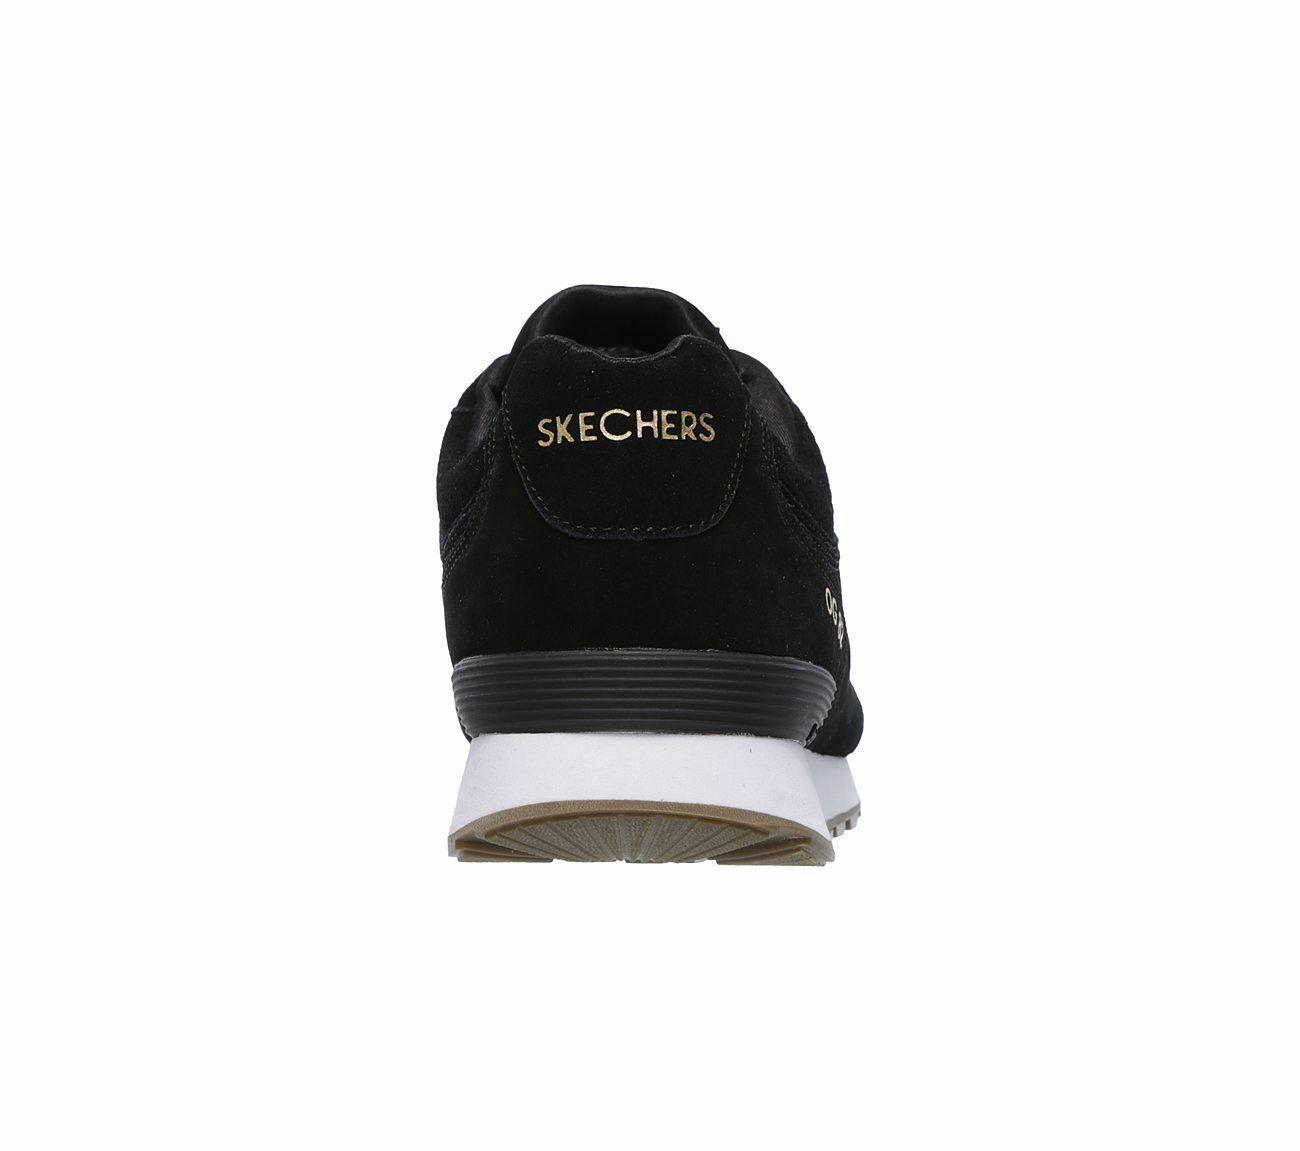 Skechers 709 TPGD Women's OG 85 LOW FLYERS Sneakers 4Gk4j